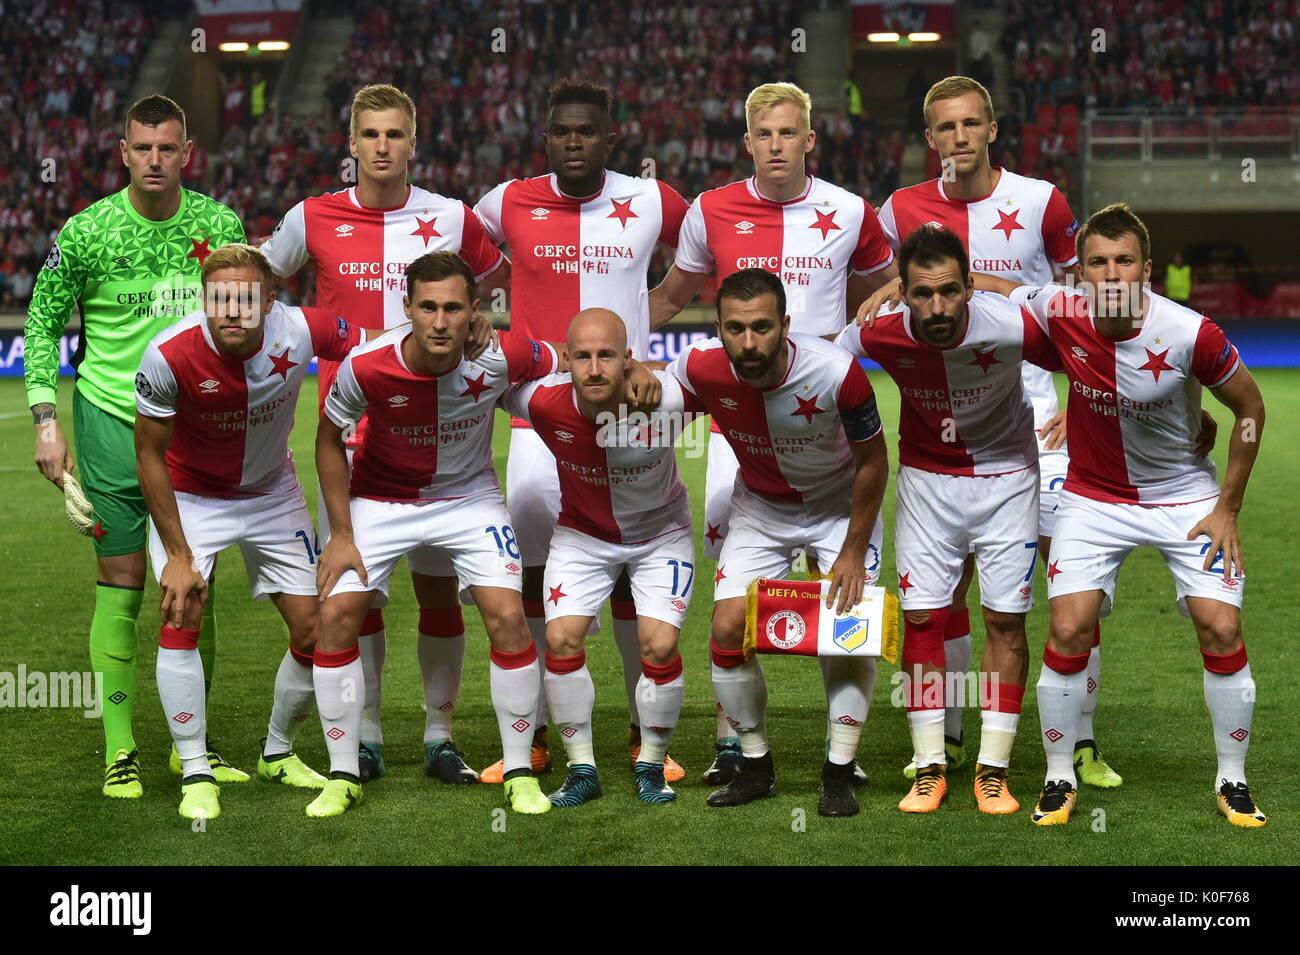 Sk Slavia Image: SK Slavia Prague Team Pose Prior To The Fourth Round UEFA